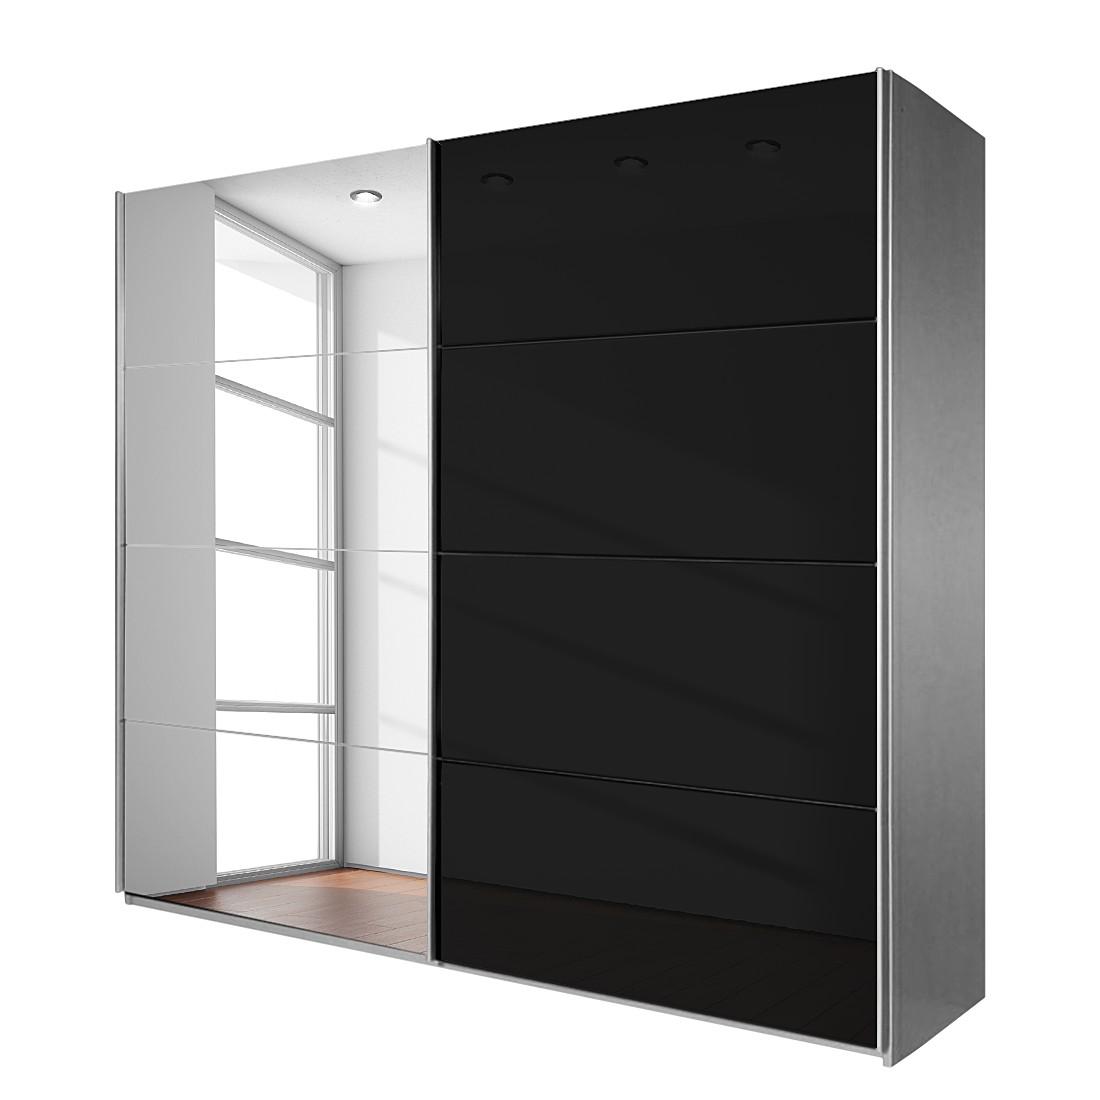 Schwebetürenschrank Quadra (mit Spiegel) – Alu gebürstet/Schwarz – Breite x Höhe: 226 x 210 cm, Rauch Pack´s kaufen